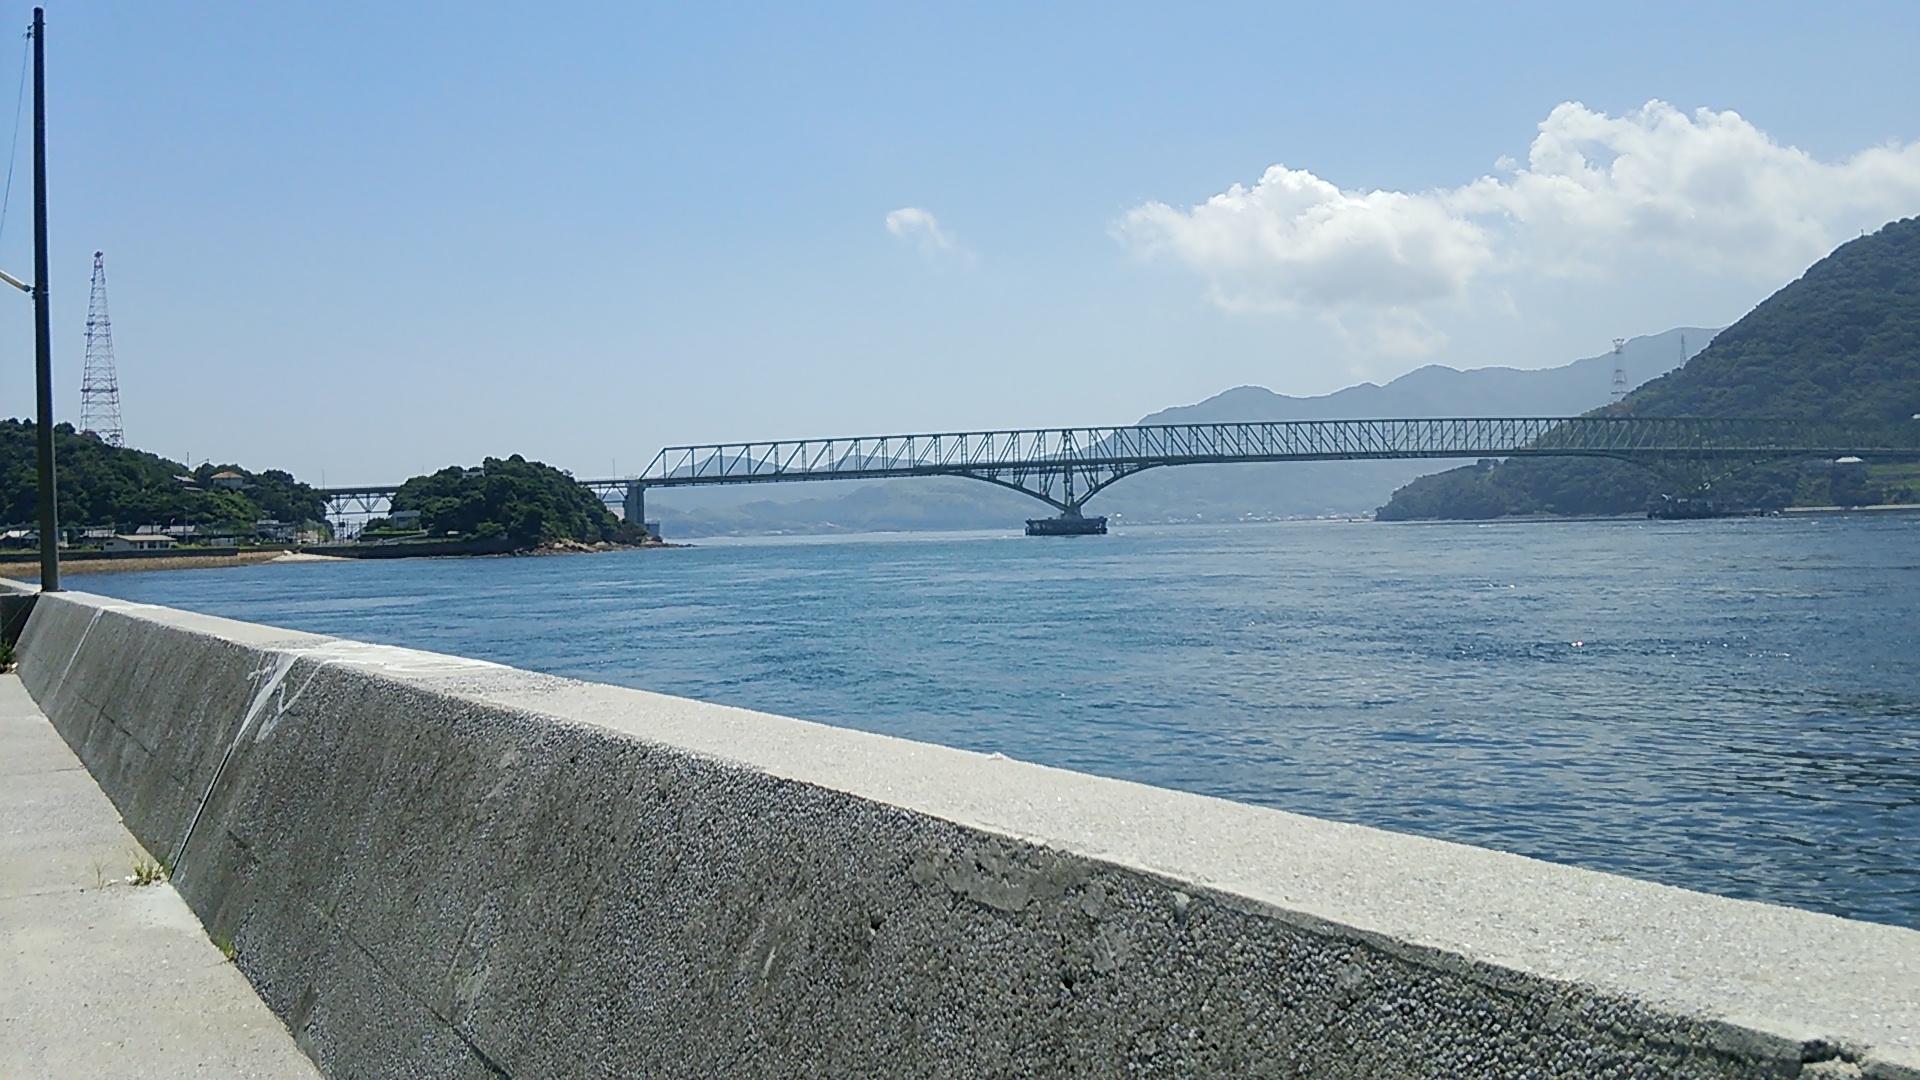 柳井市大畠からの大島大橋の眺め